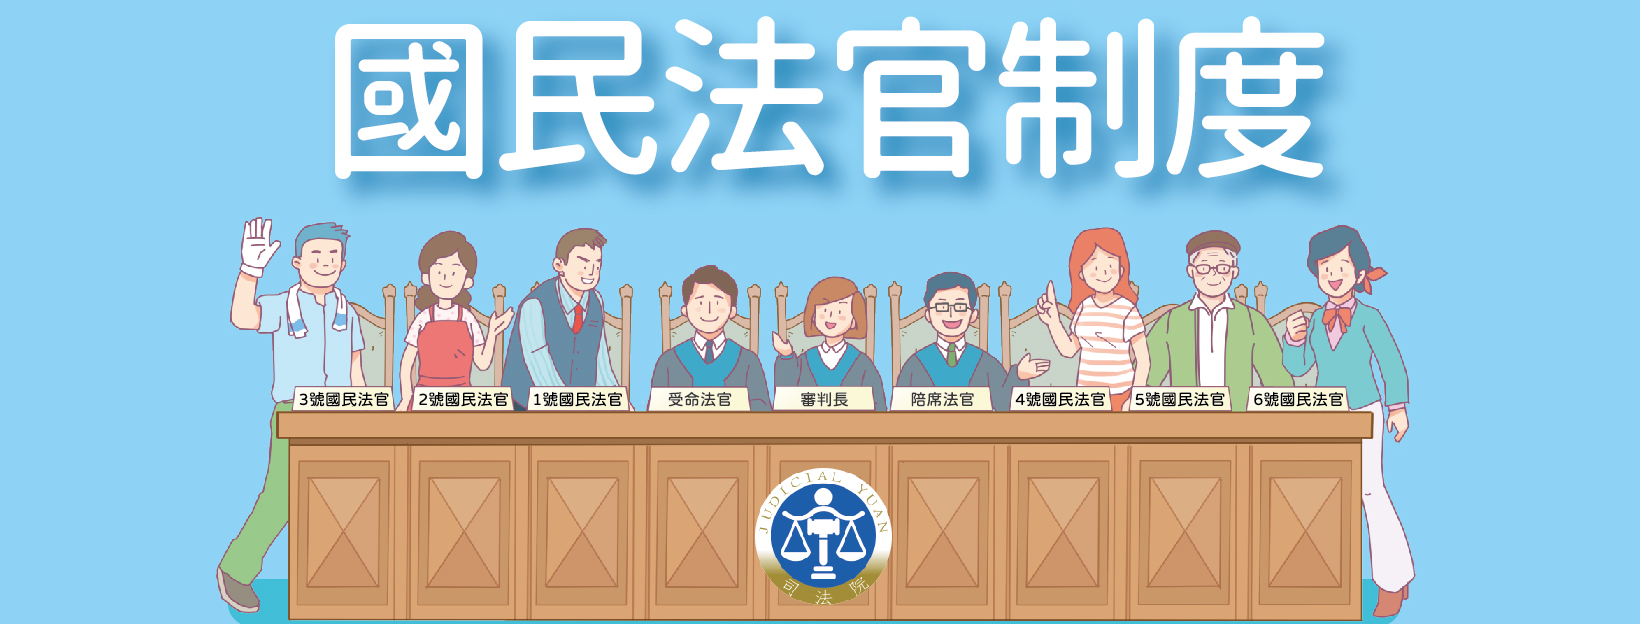 國民法官_圖示